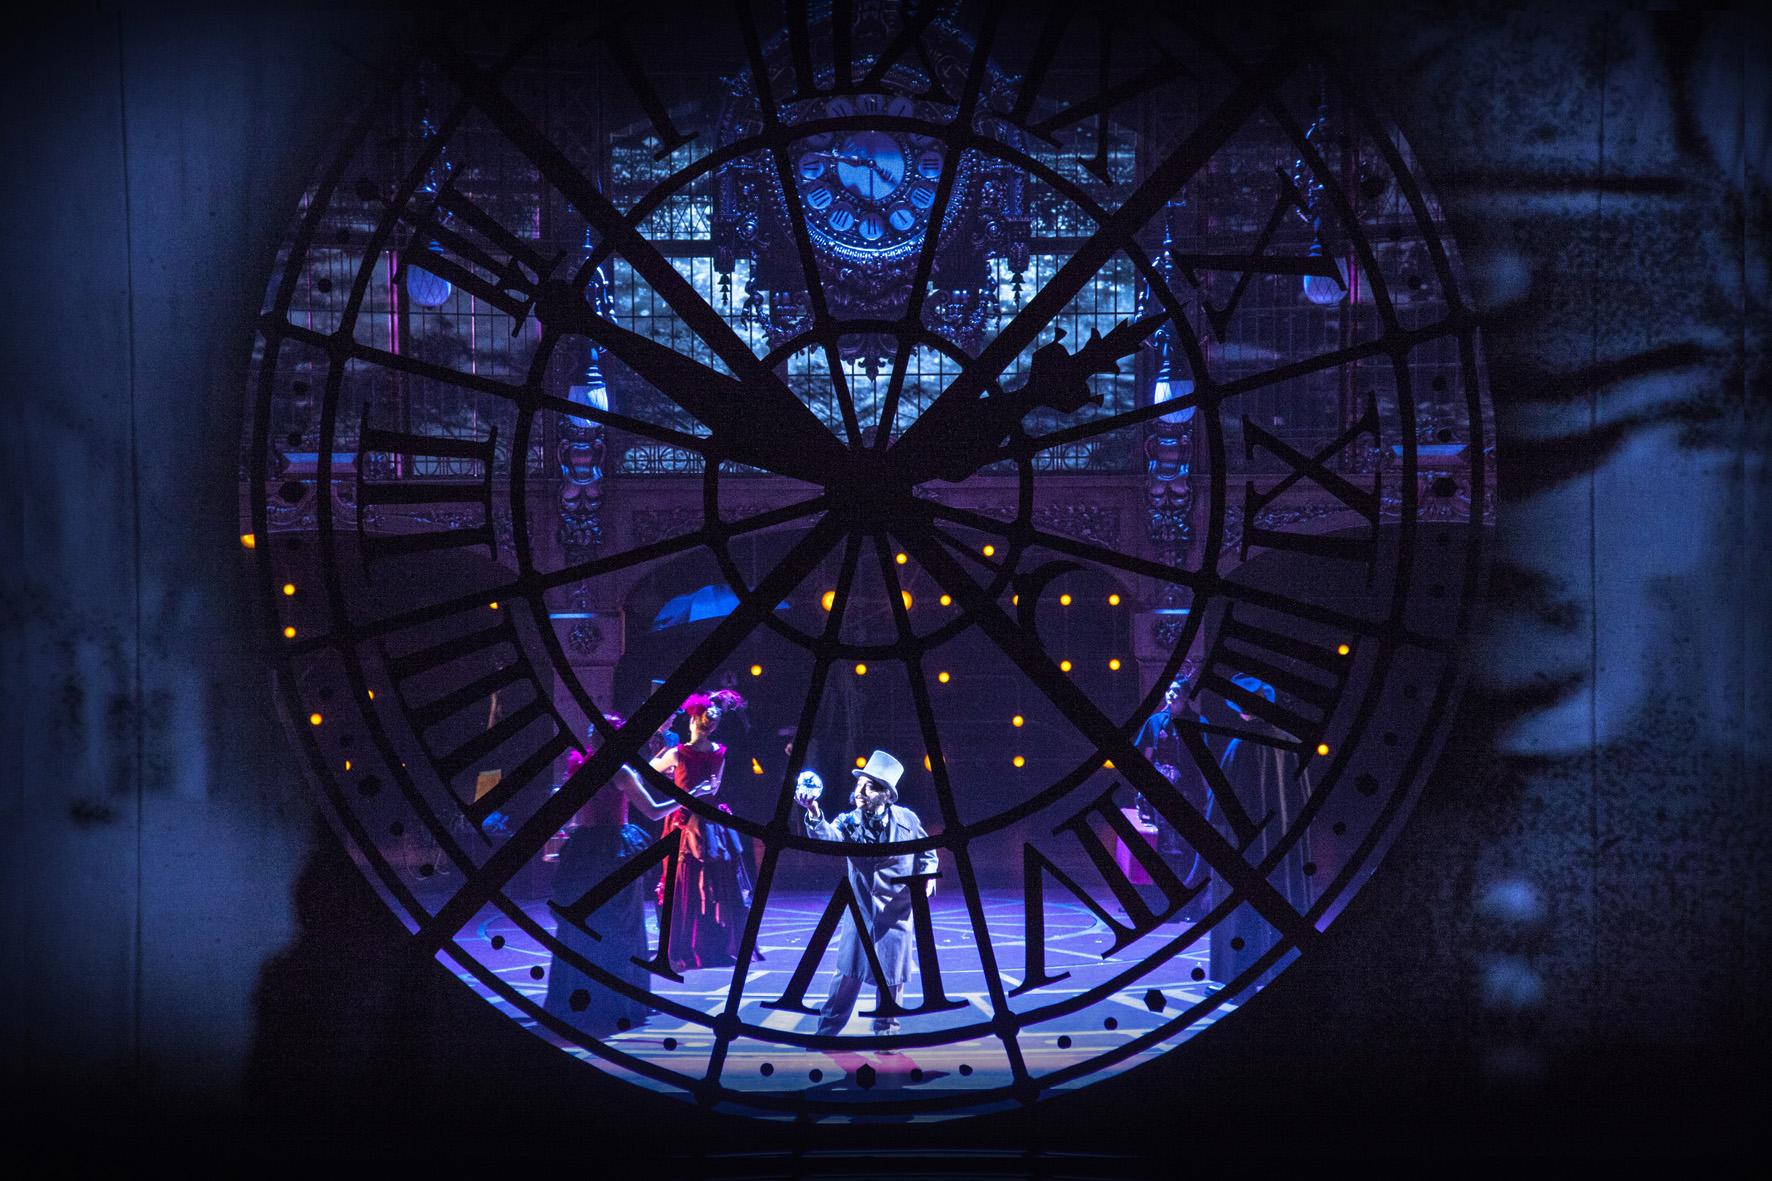 la-vie-parisienne-scenographie-bruno-de-lavenere-©-etienne-guiol-02